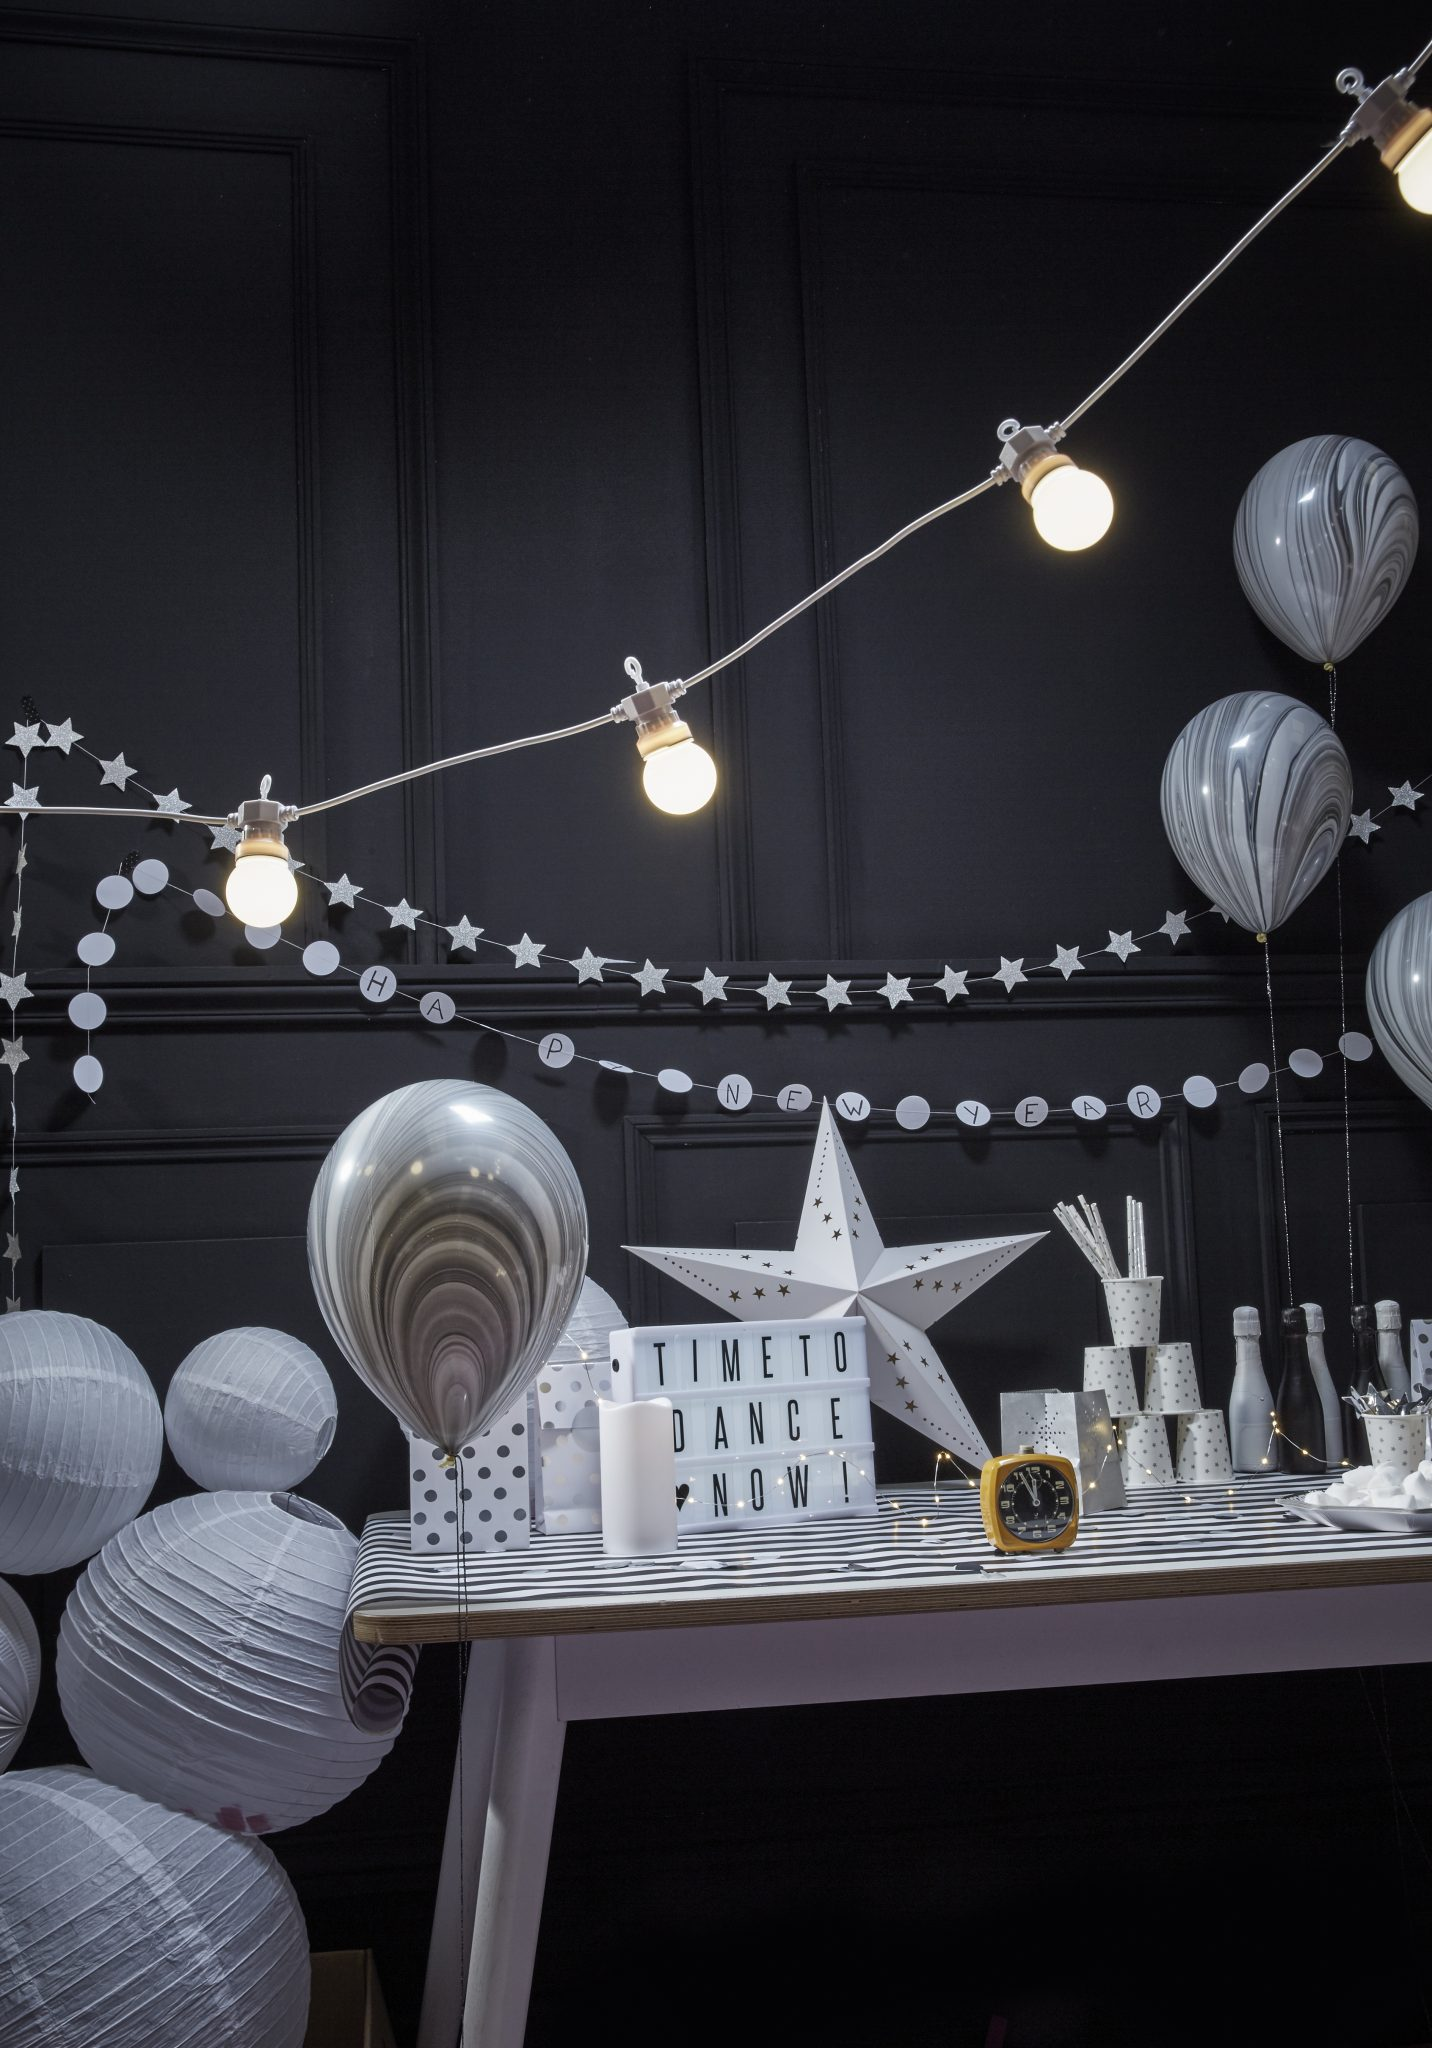 decoration nouvel an bonne annee noir blanc argent blanc noir saint sylvestre 31 decembre